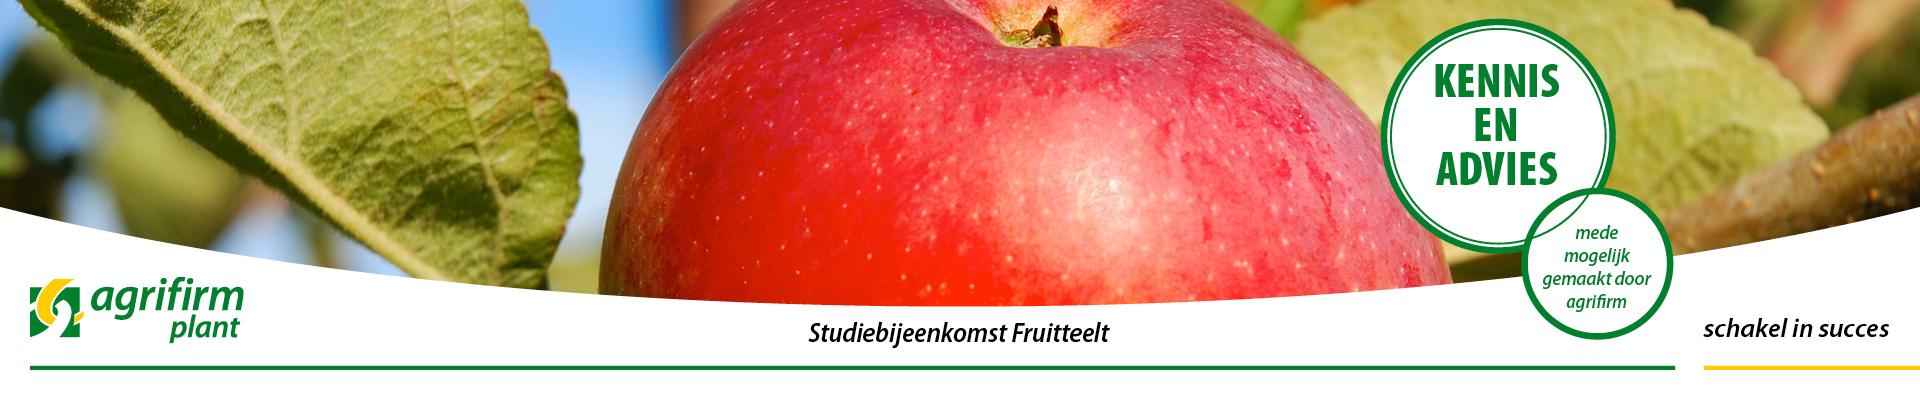 Studiebijeenkomst Fruitteelt Kraggenburg